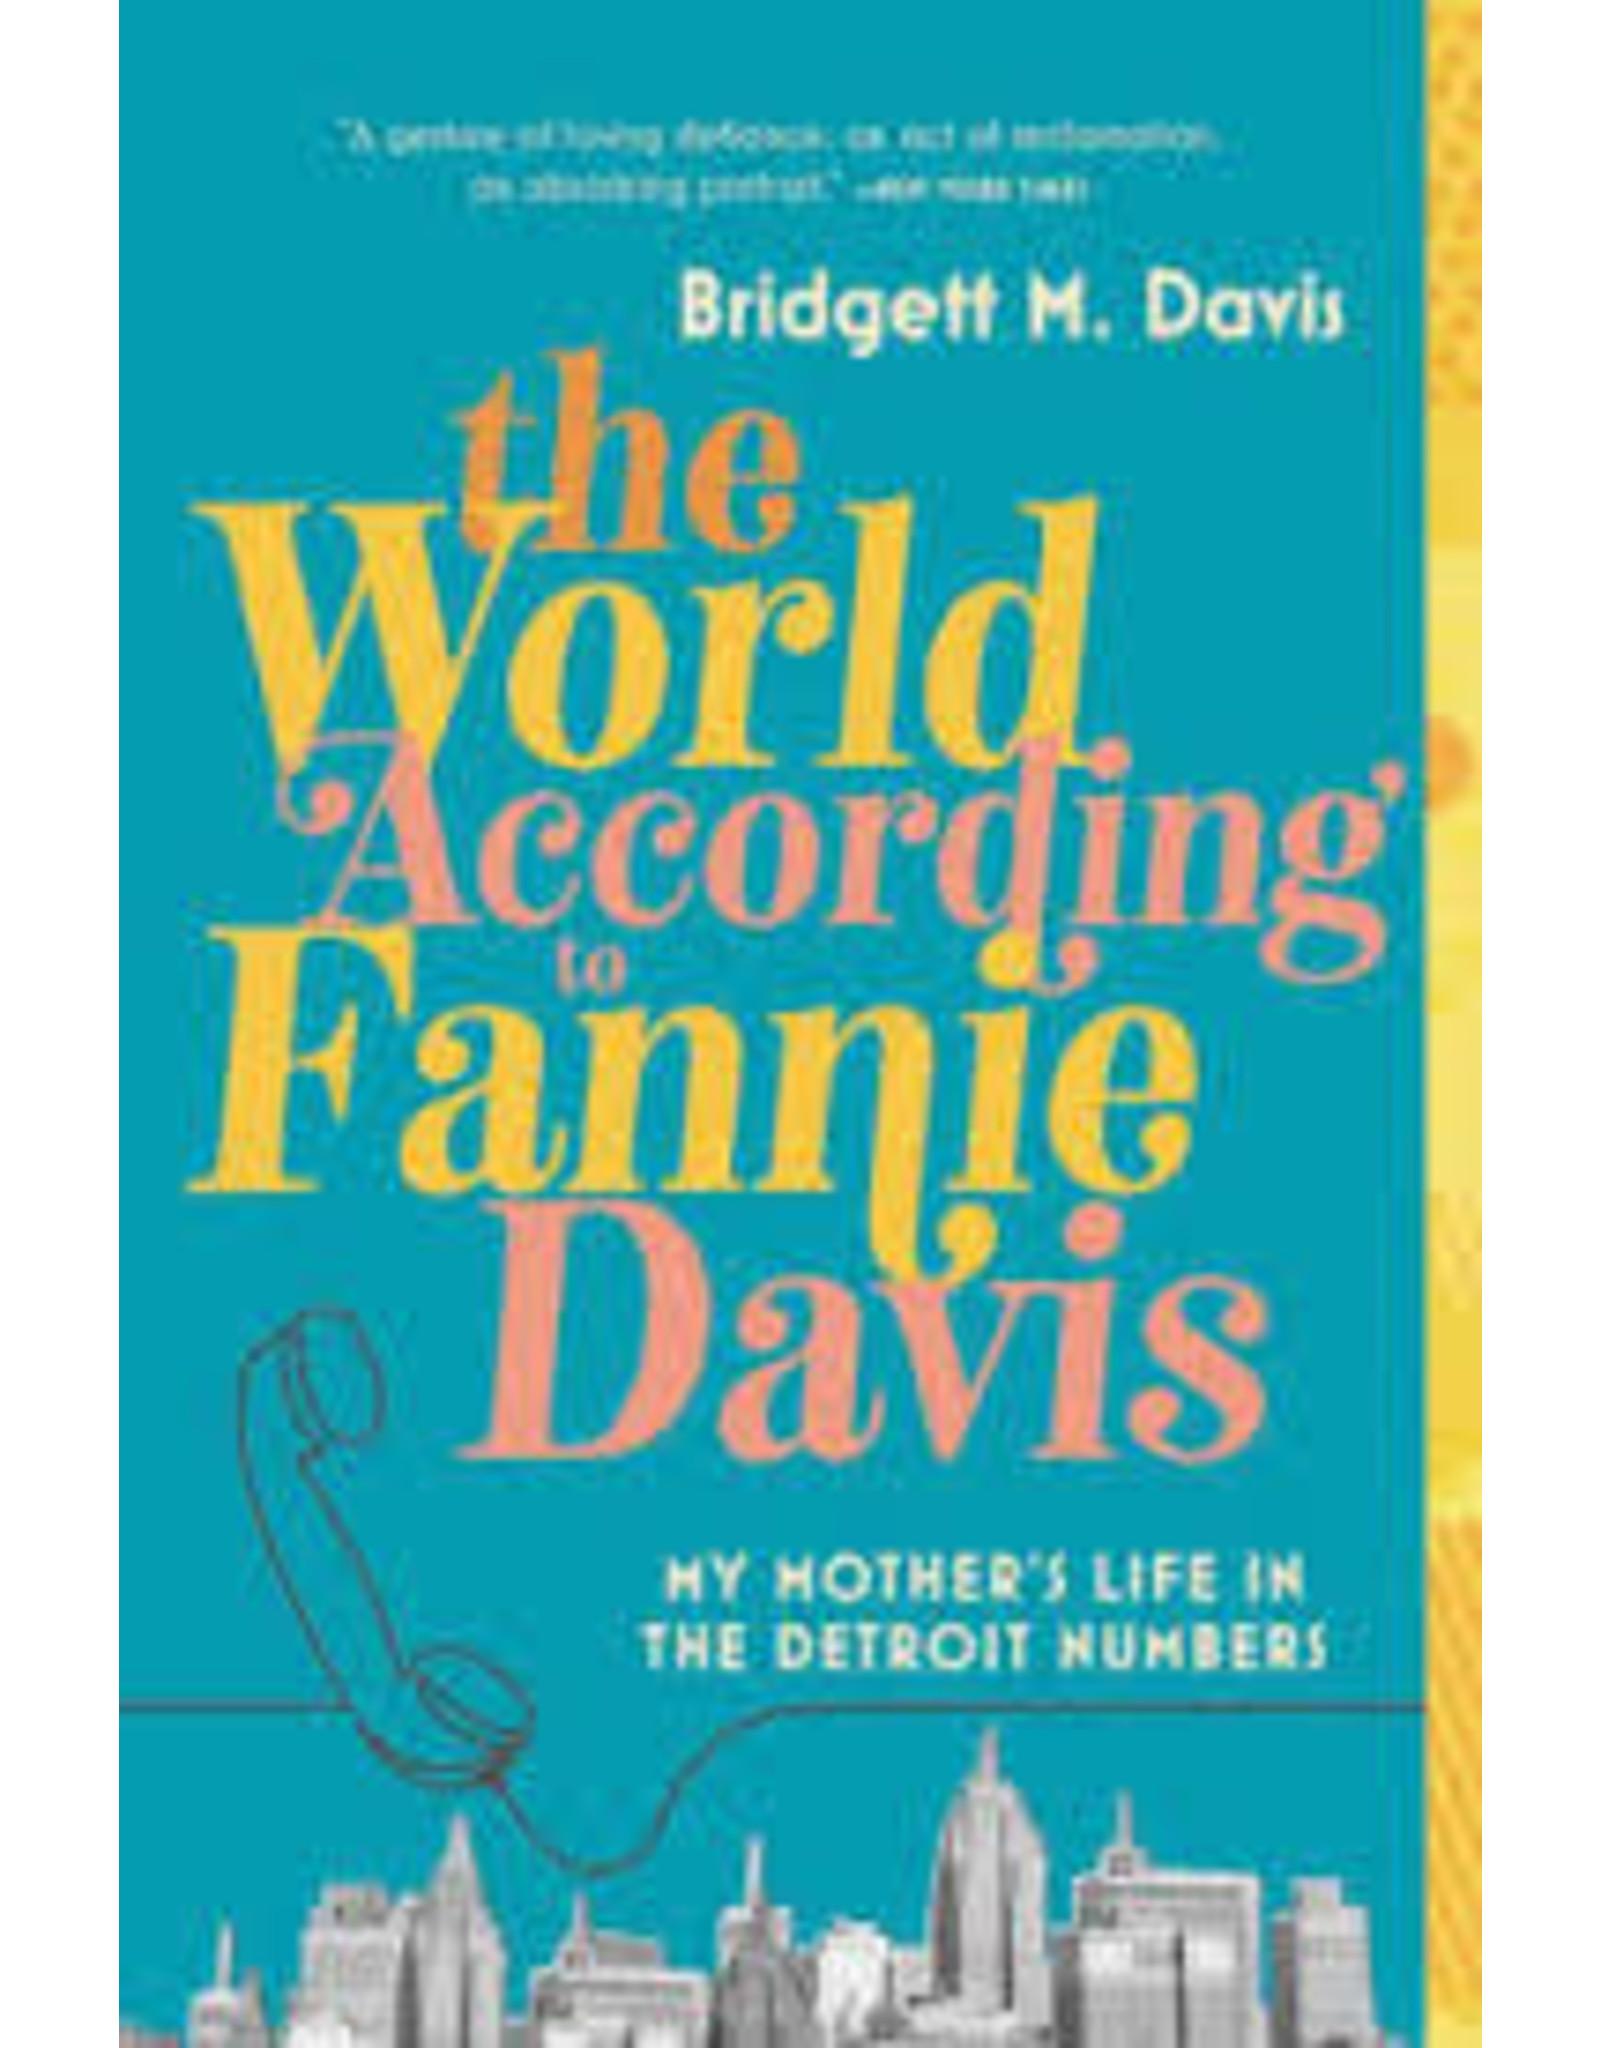 Books The World According to Fannie Davis by Bridgett M. Davis